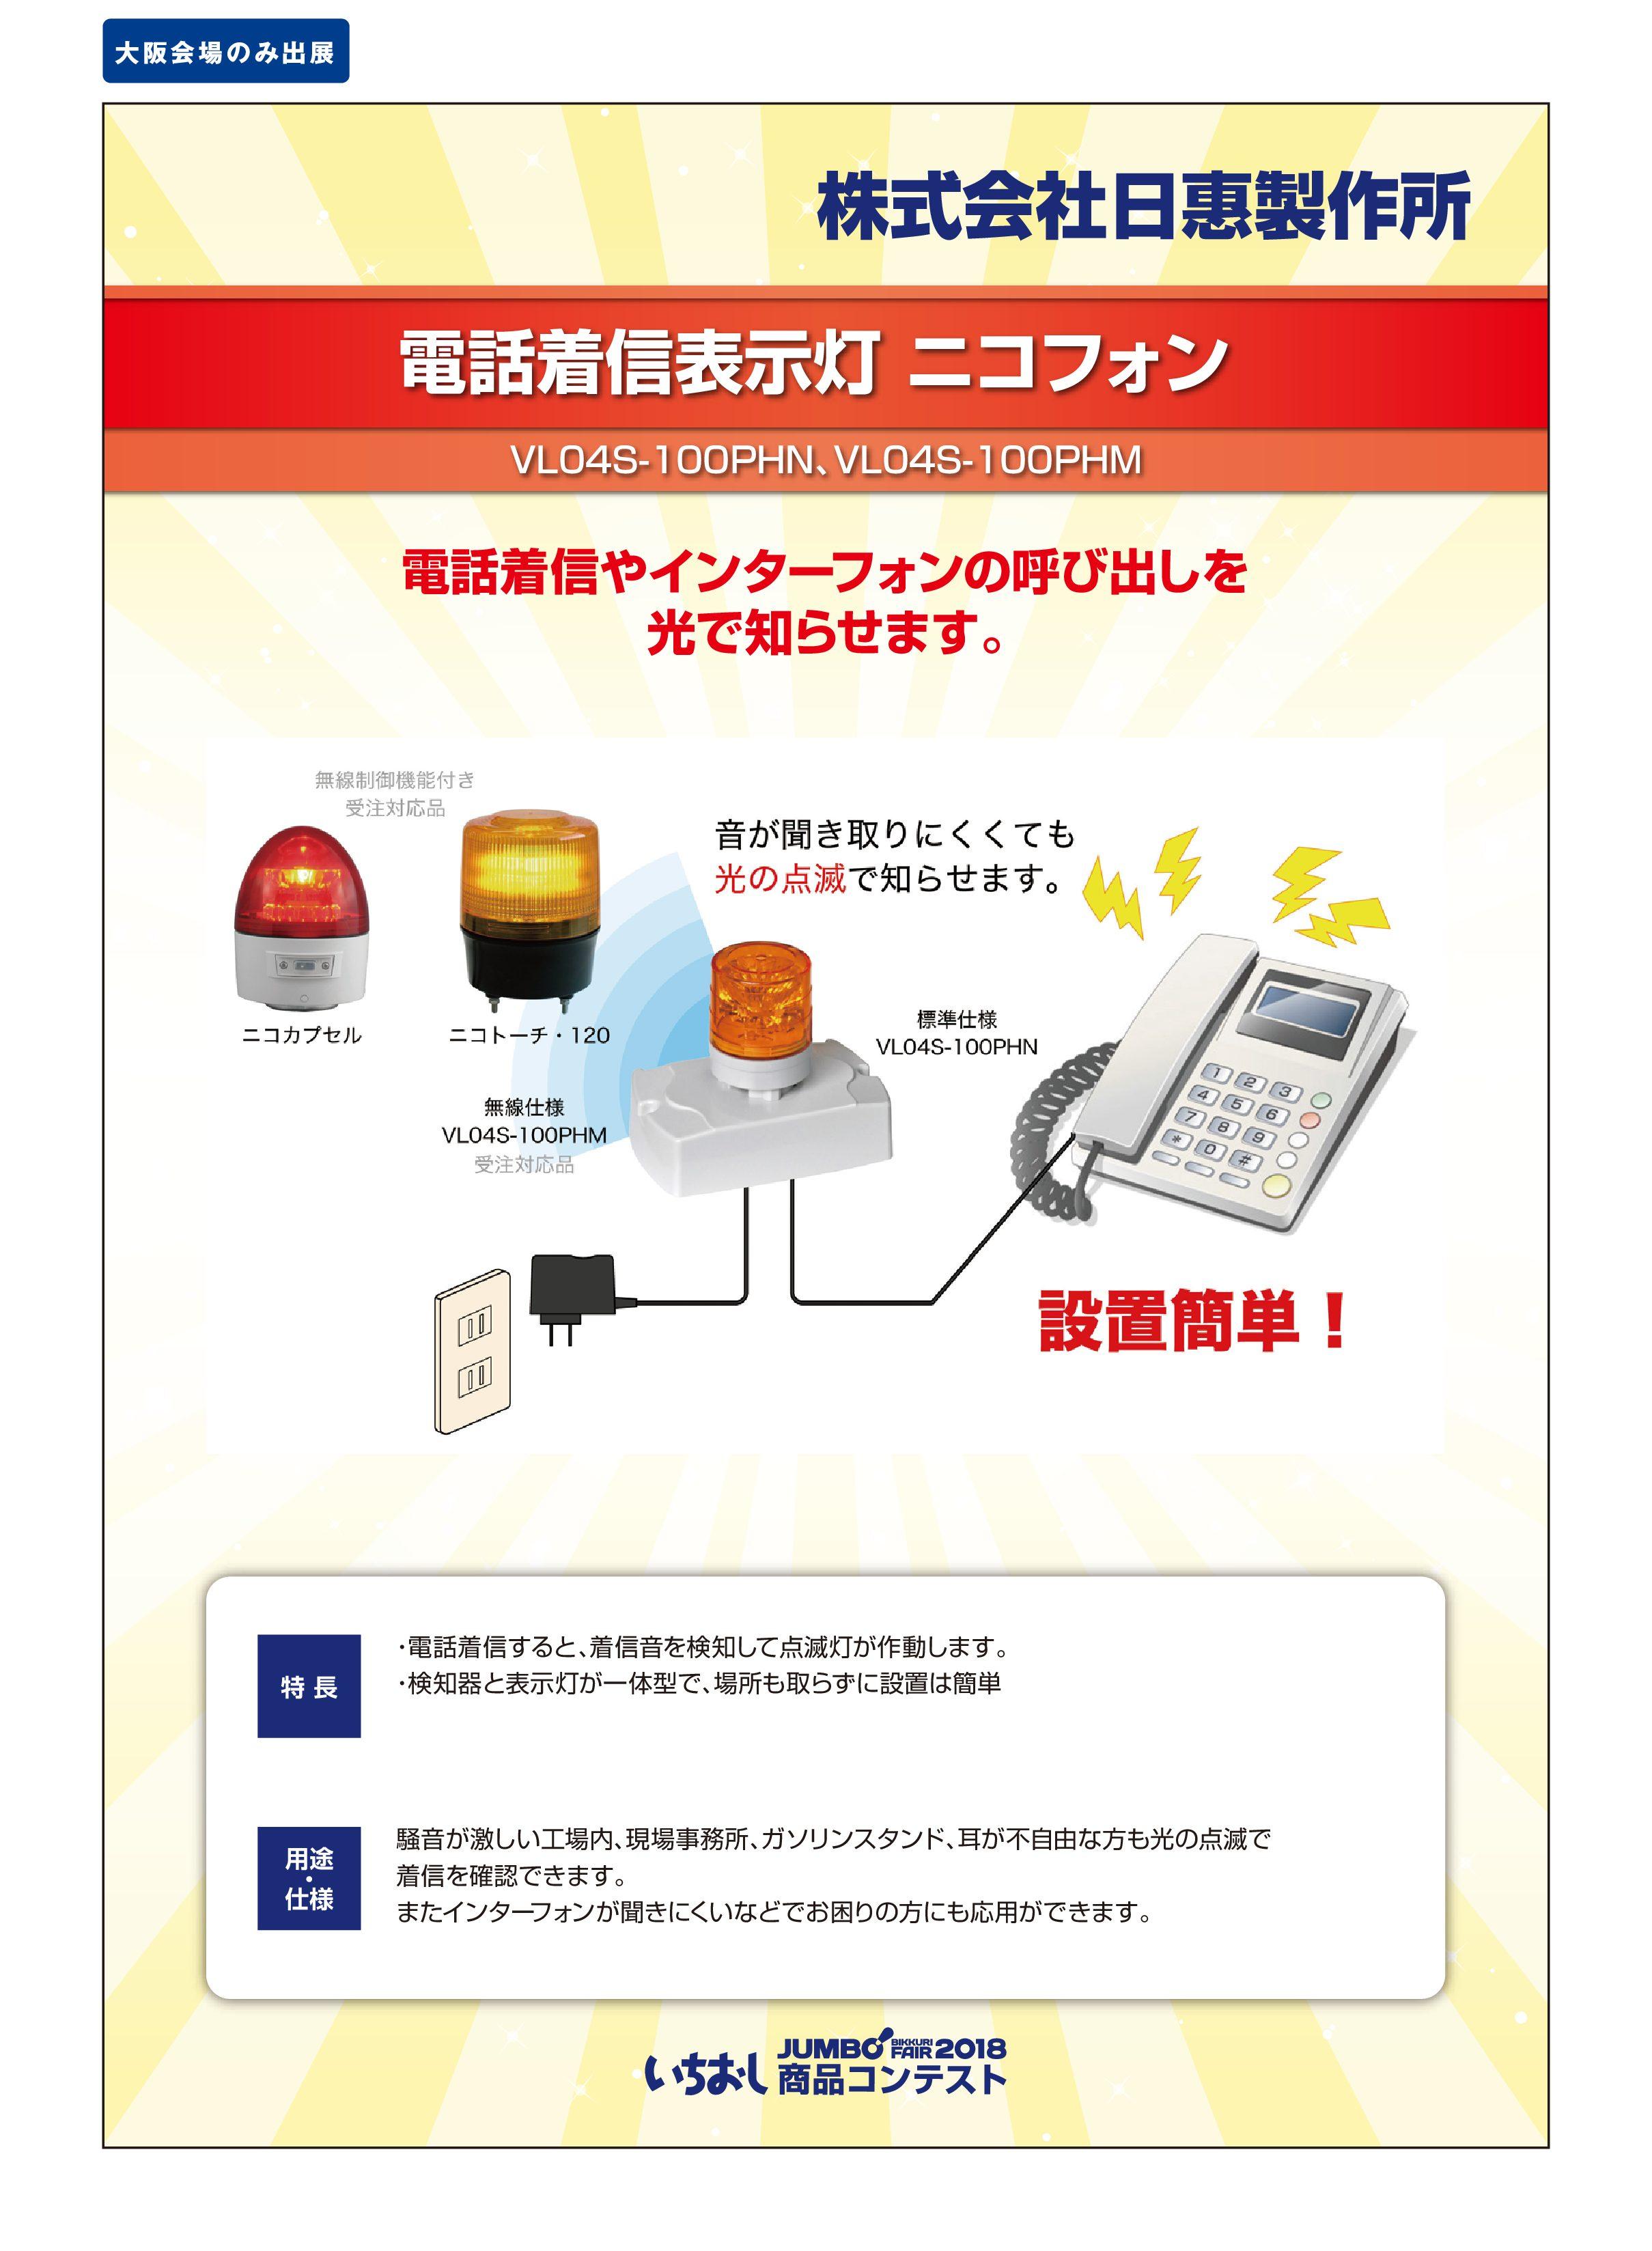 「電話着信表示灯 ニコフォン」株式会社日惠製作所の画像